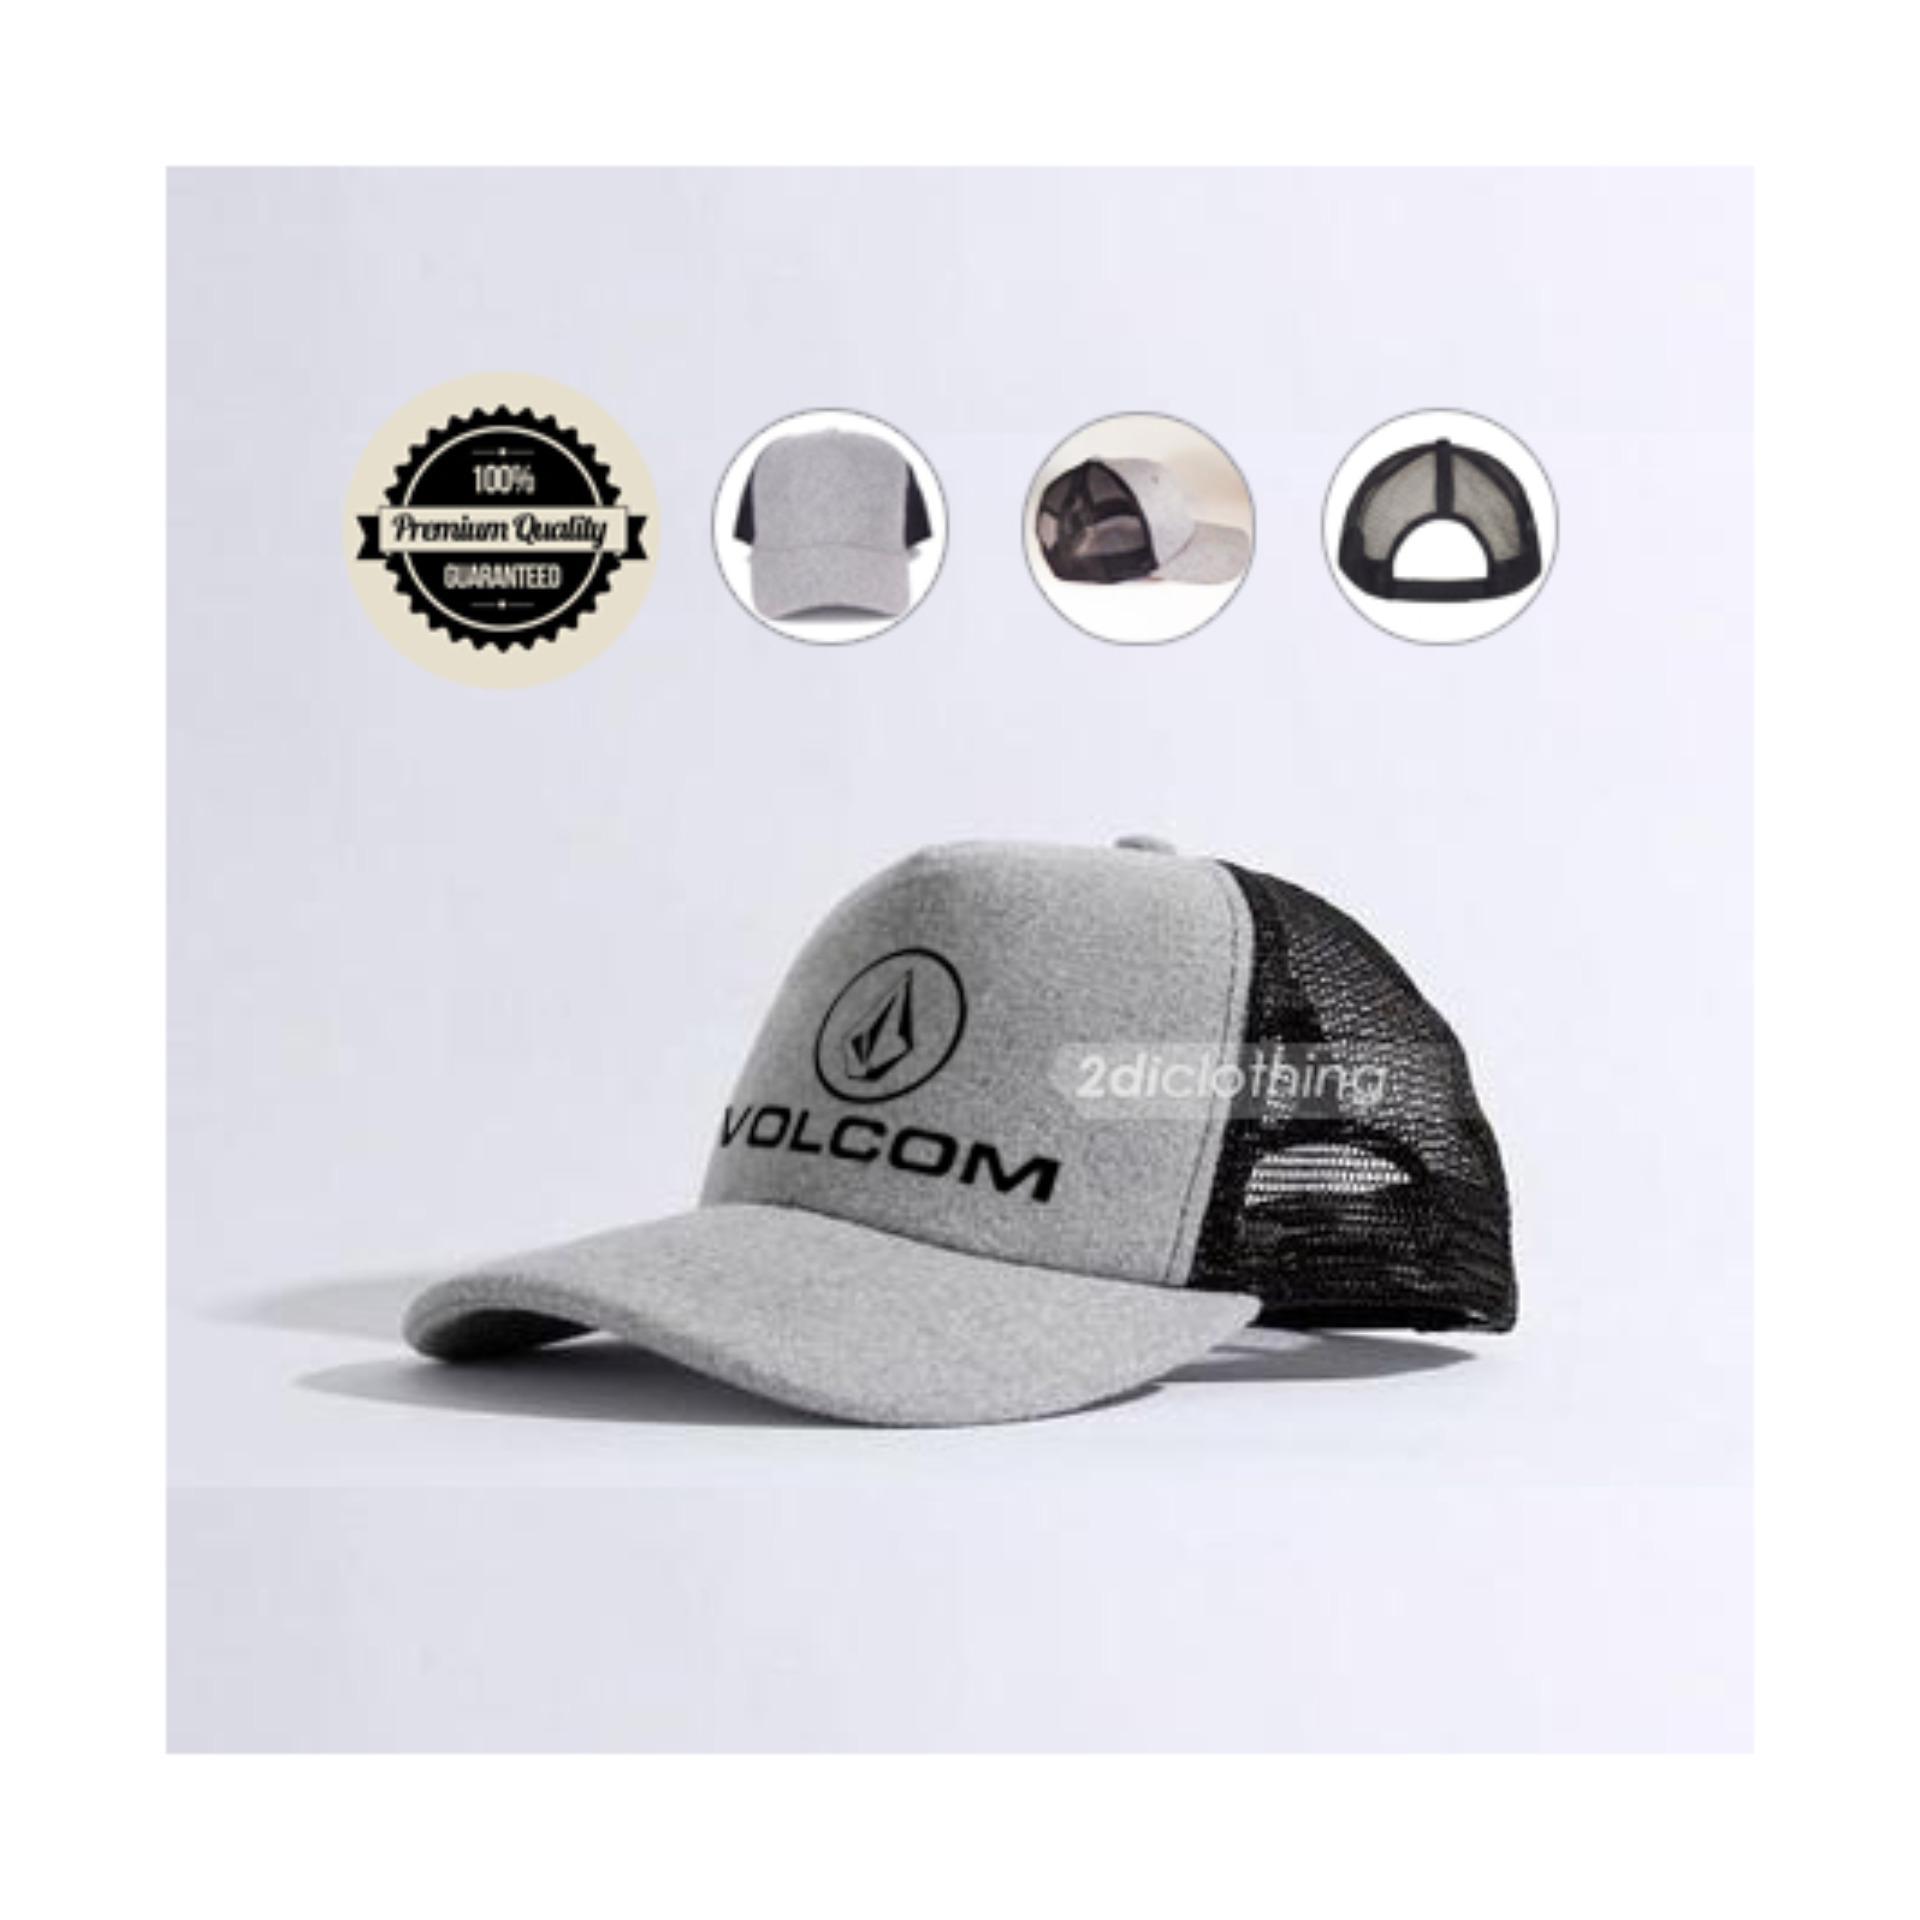 Topi Volcom Logo Black - Harga Spesifikasi Produk Terhangat Di Indonesia a23fb95849